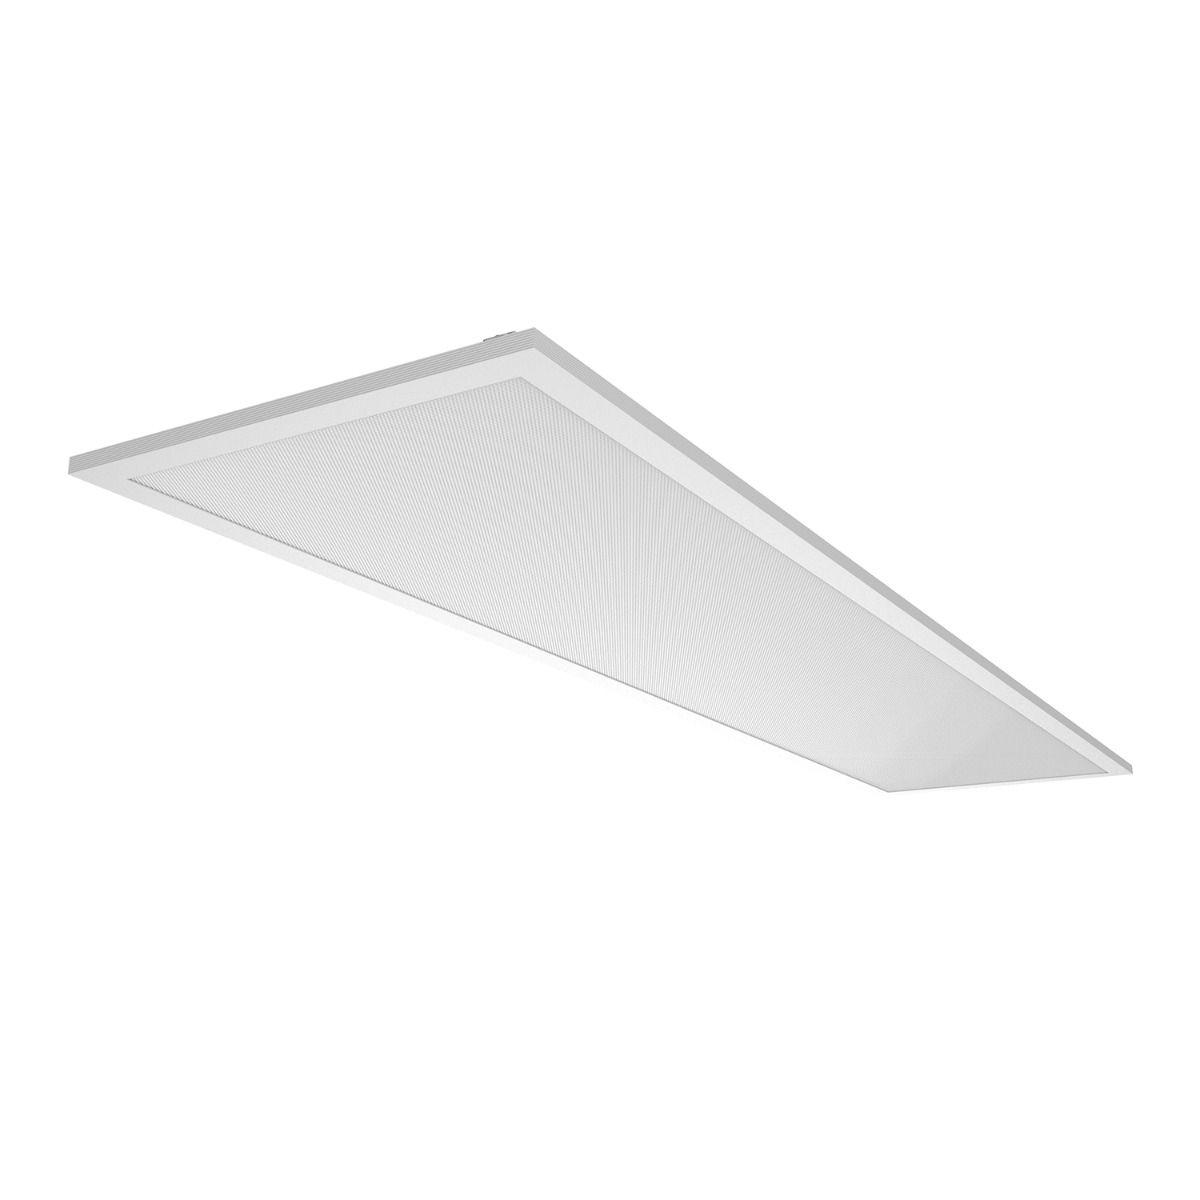 Noxion LED Panel Delta Pro V3 30W 3000K 3960lm 30x120cm UGR <19 | Warm White - Replaces 2x36W